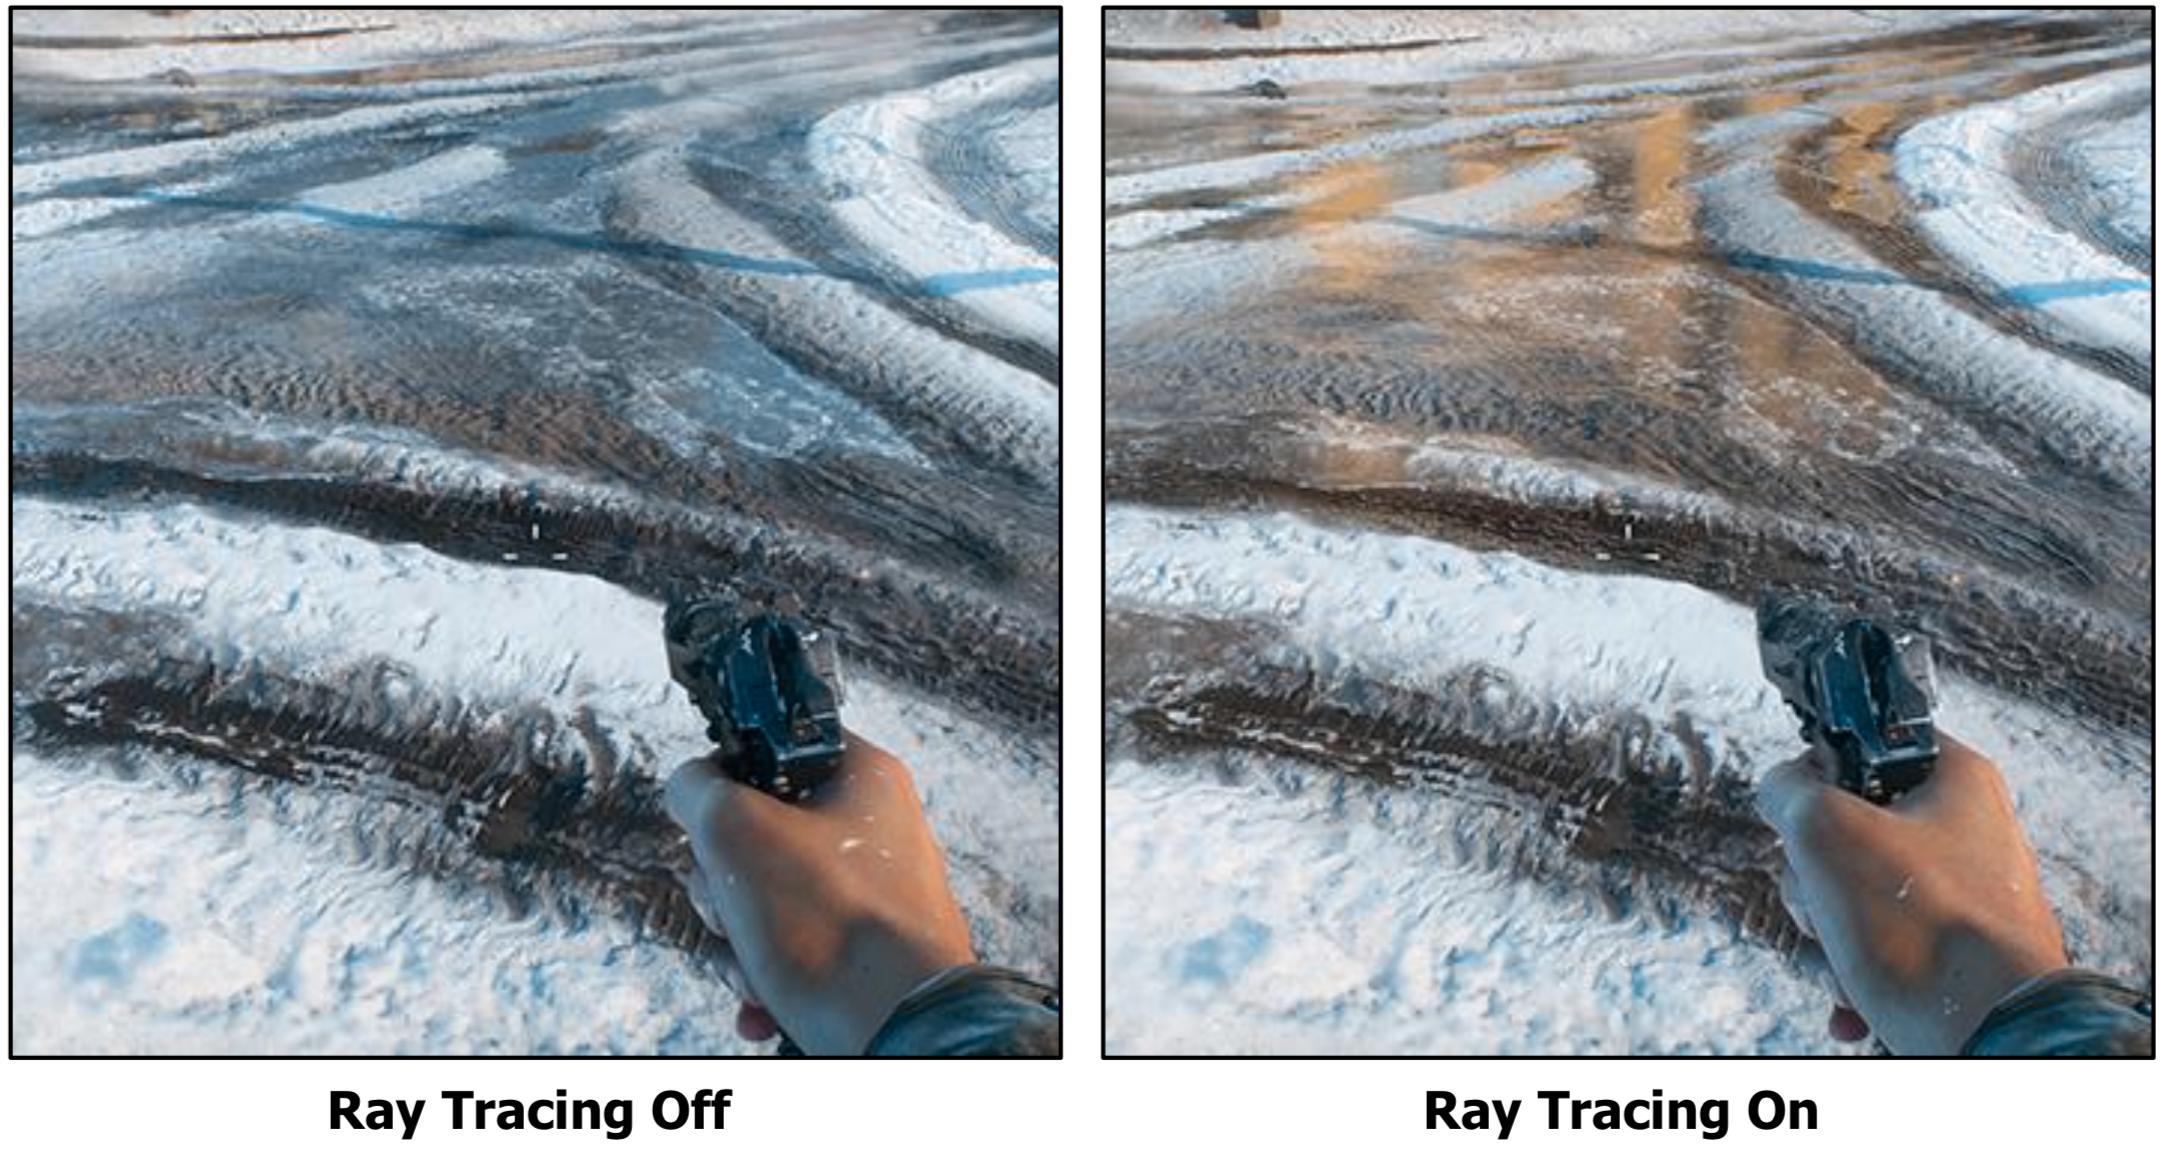 Strålesporing gir økt realisme, som her med refleksjoner i vannpytter. Men til 60 prosent av ytelsen? Da faller interessen raskt.